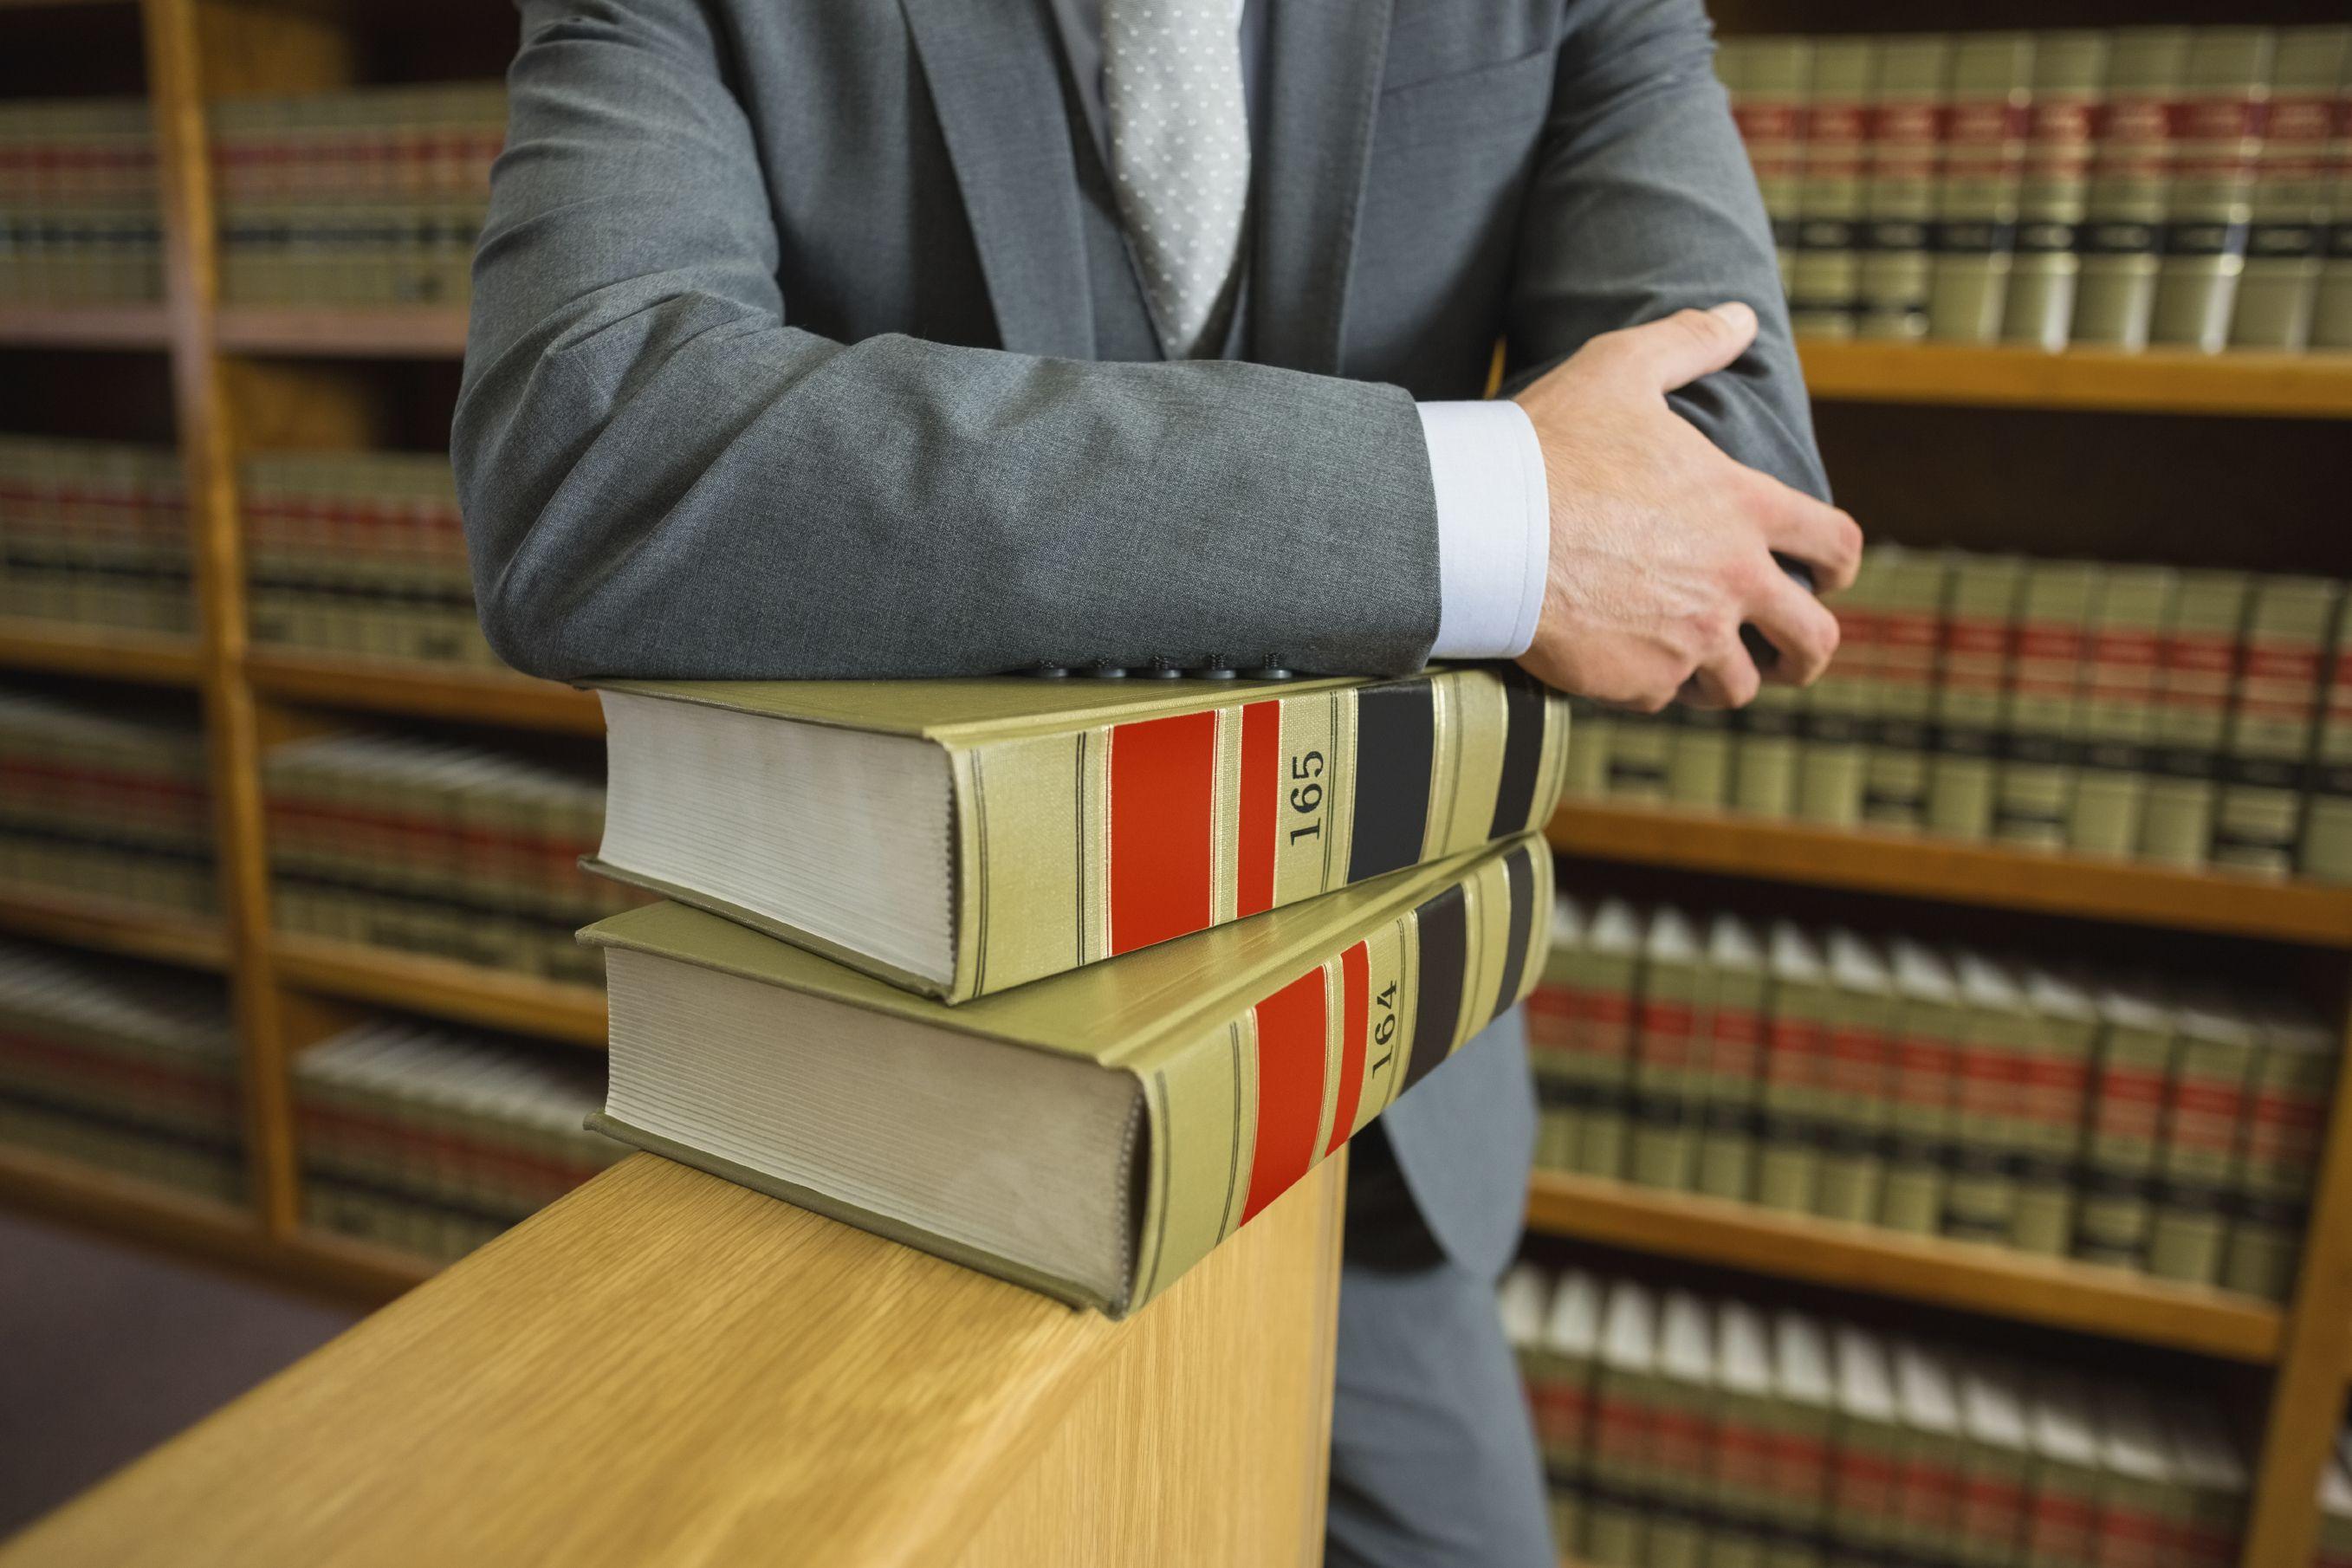 PS quer dar licença de parentalidade e doença grave a advogados